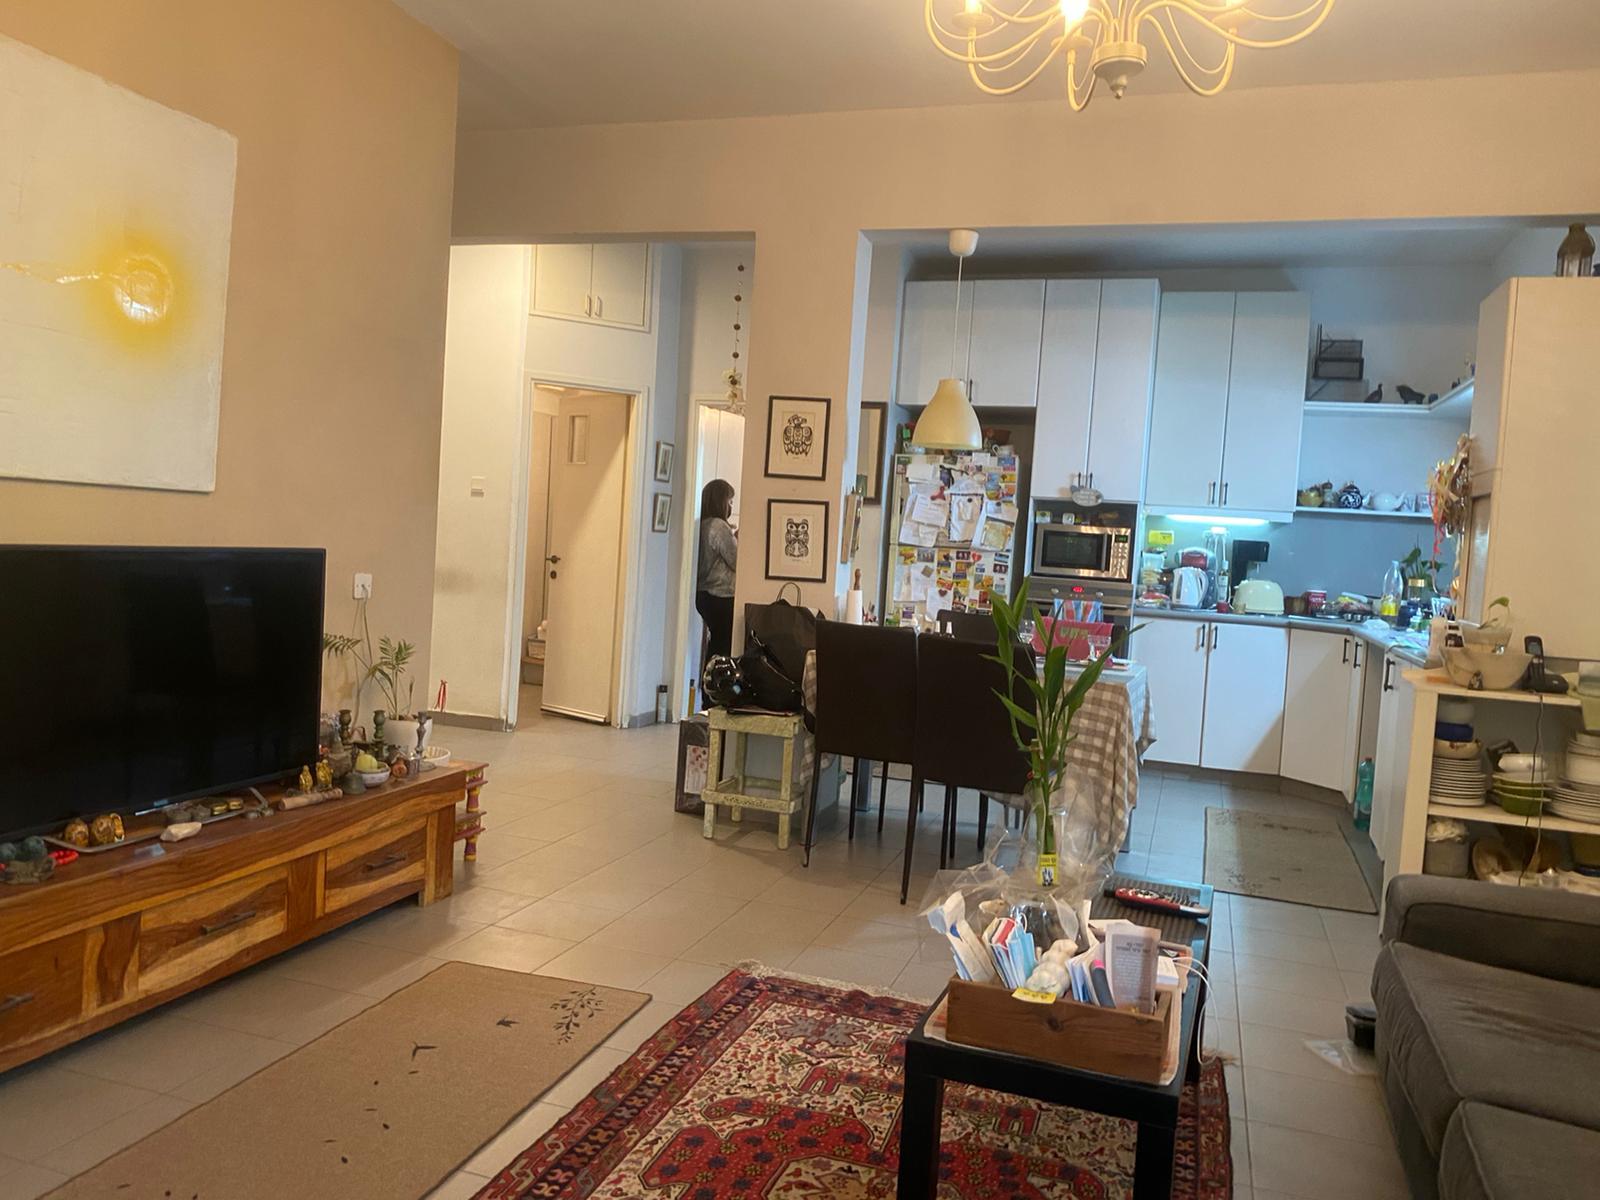 דירה נמכרה